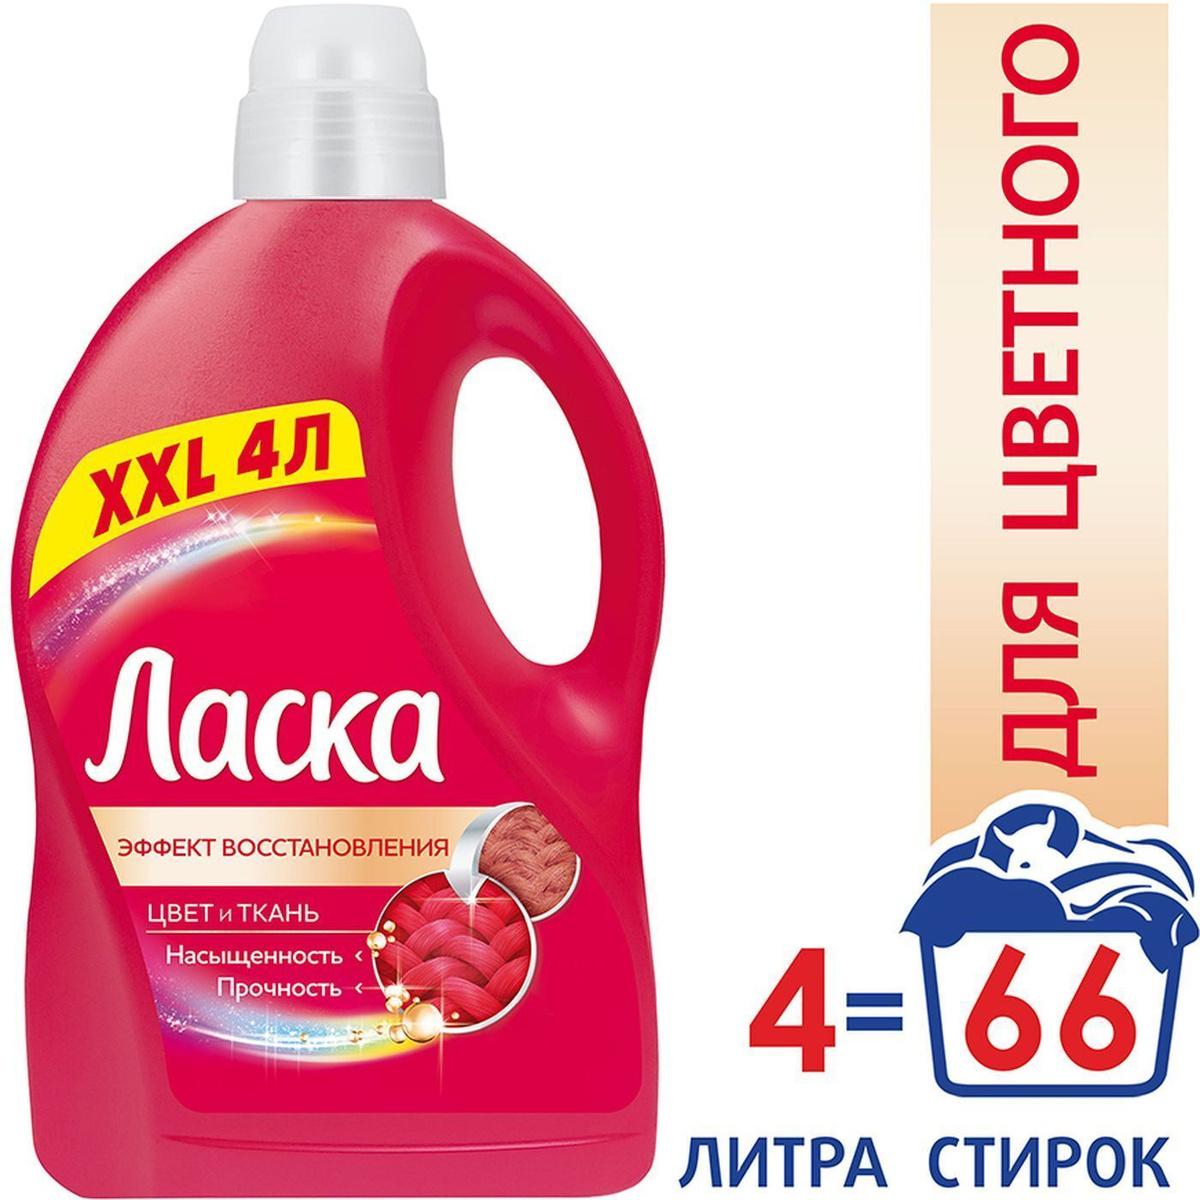 Жидкое средство для стирки Laska Гель Эффект восстановления, для цветного белья, 4 л  #1